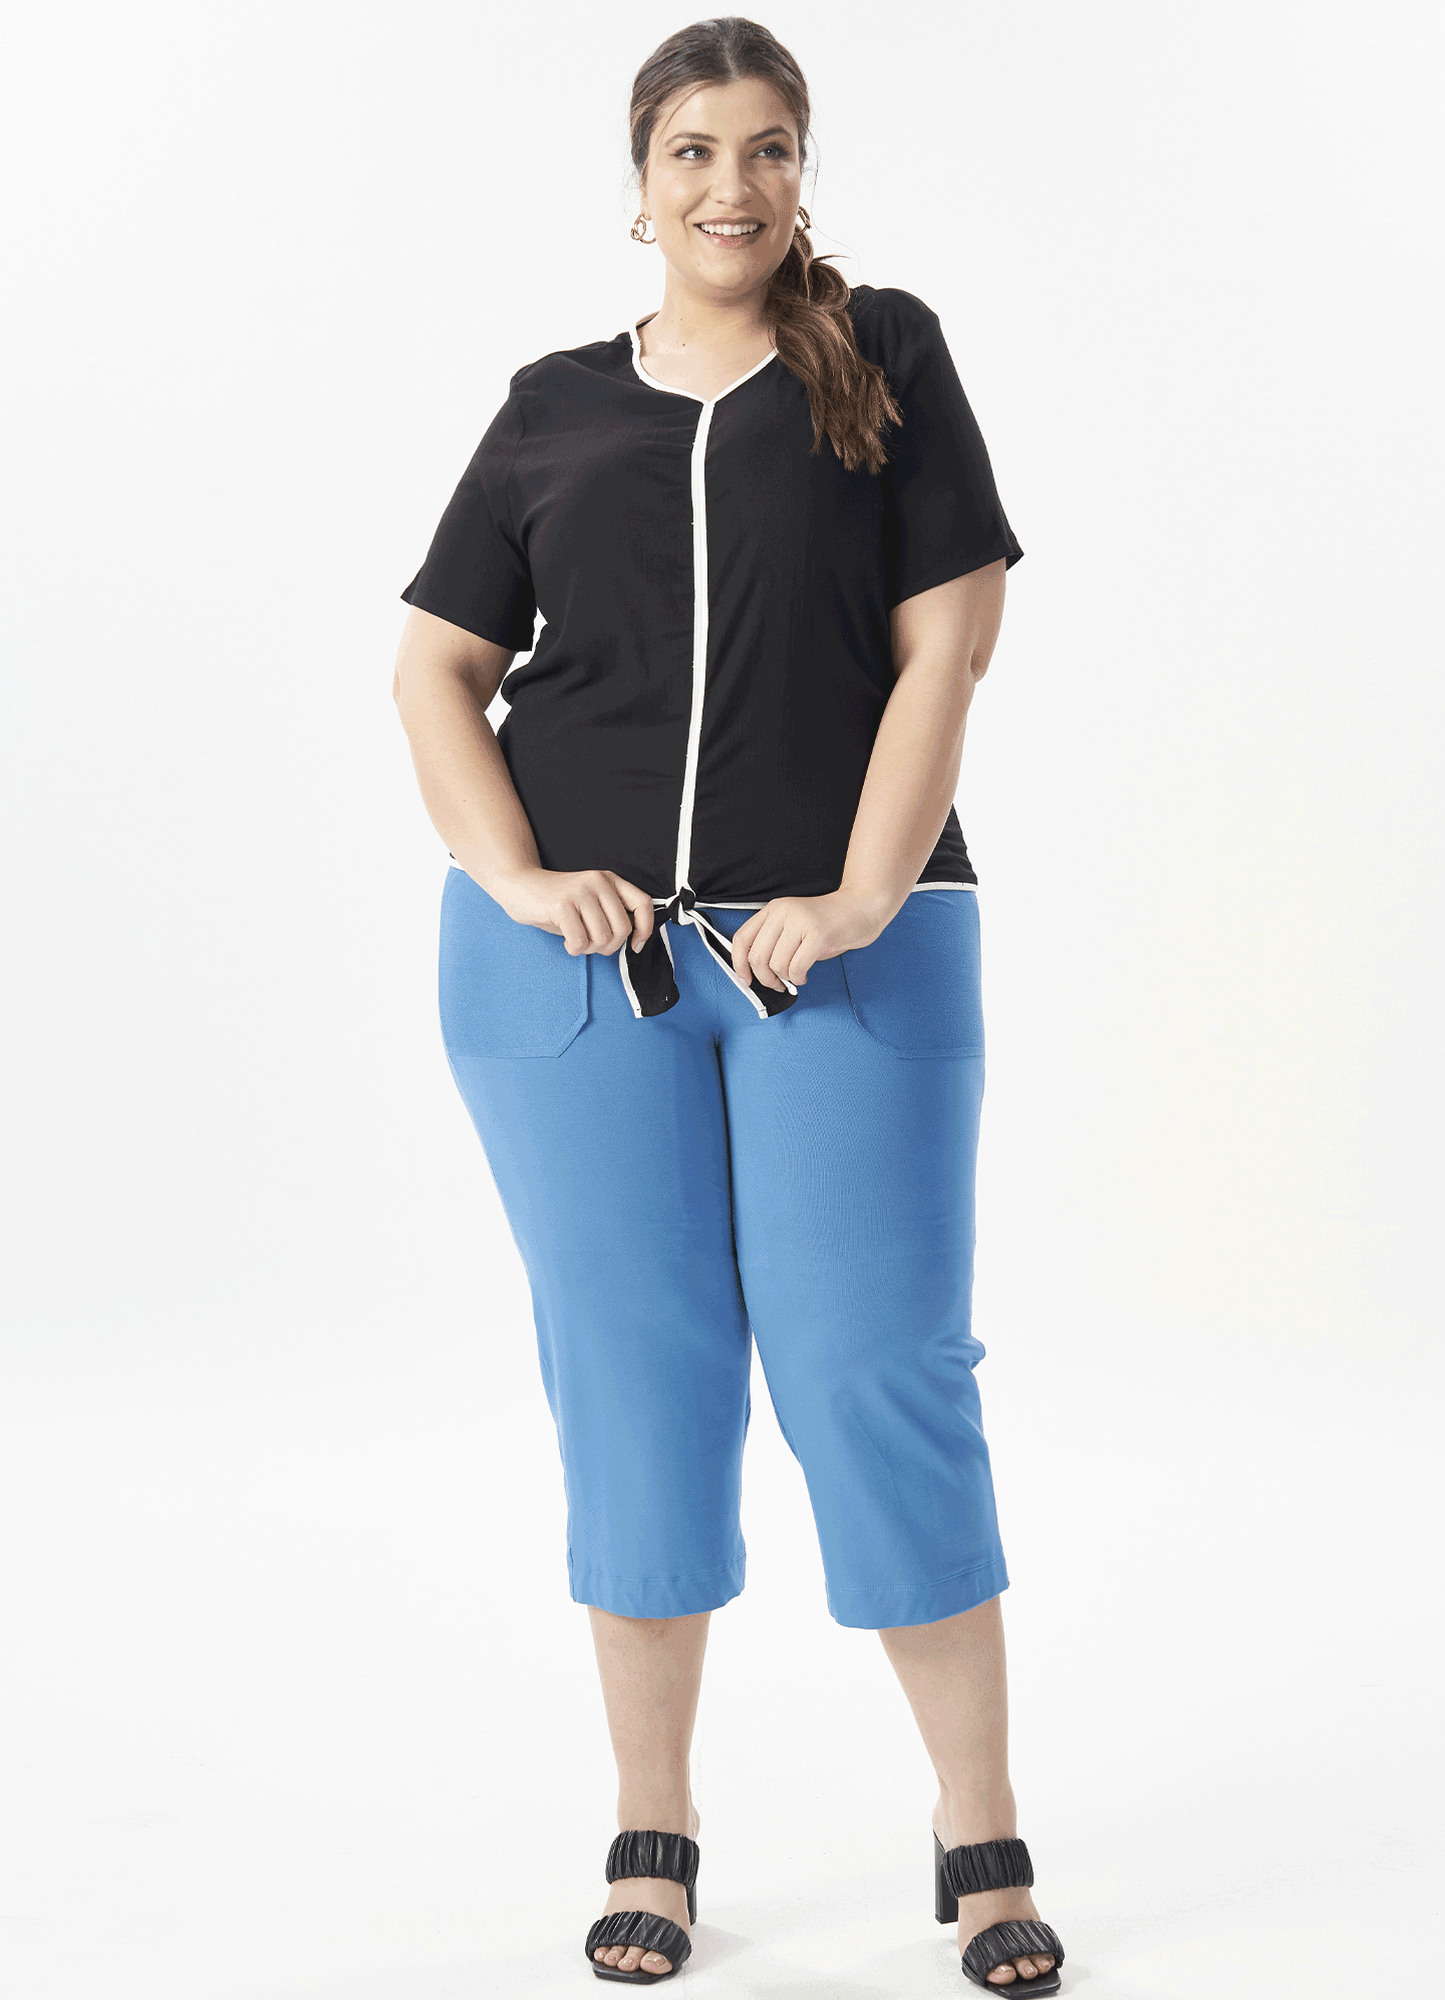 Blusa Feminina Plus Size Tecido Bicolor Manga Curta e Amarração